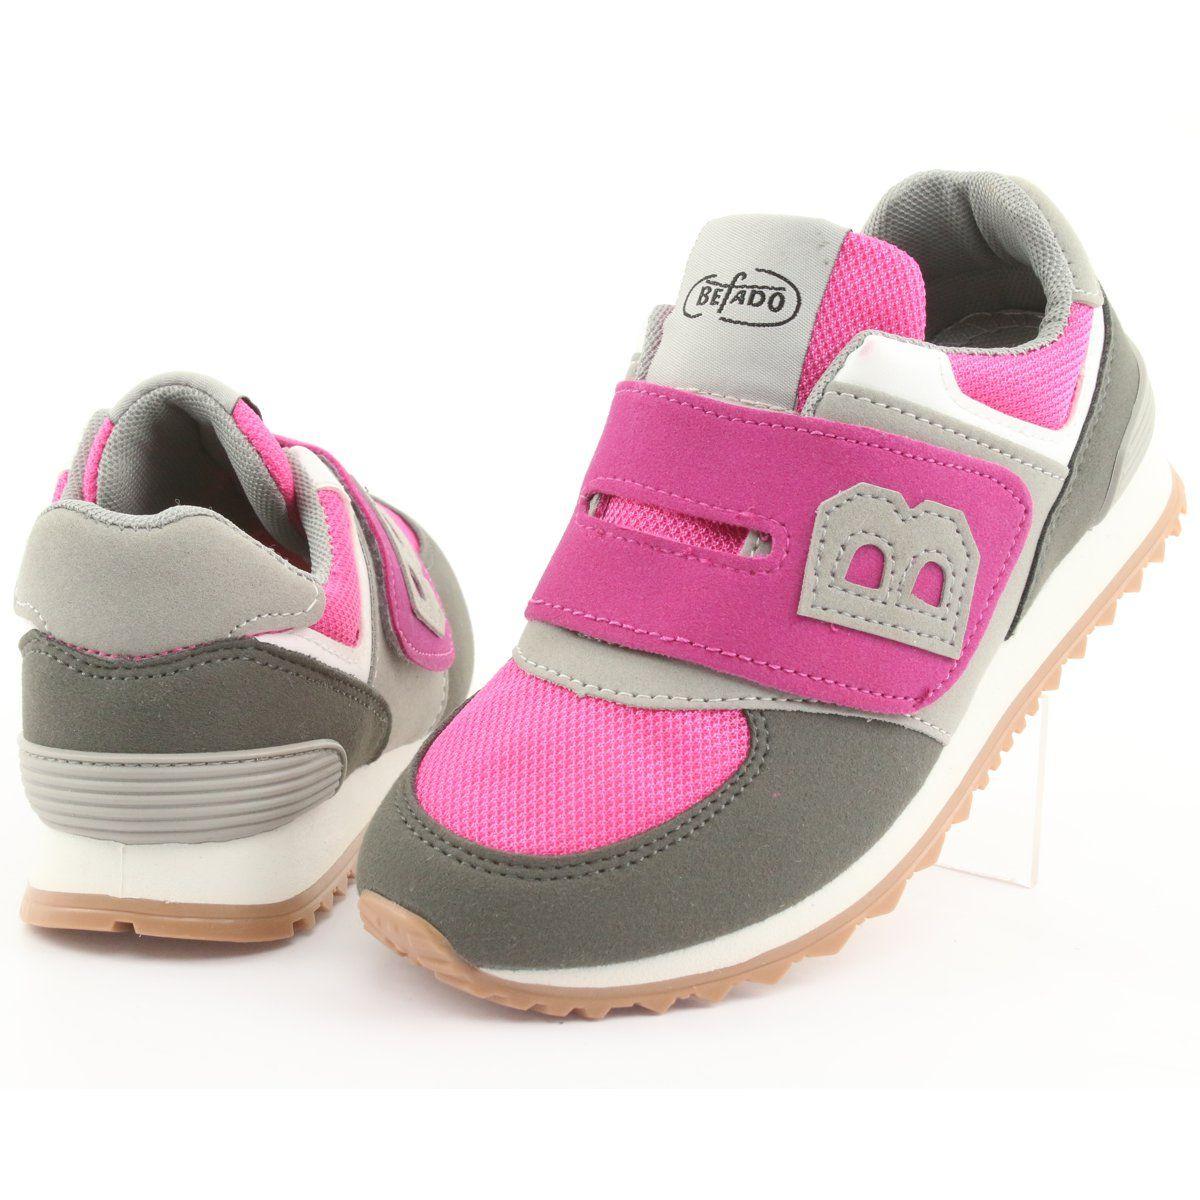 Befado Obuwie Dzieciece Do 23 Cm 516y039 Rozowe Szare Baby Shoes Shoes Fashion